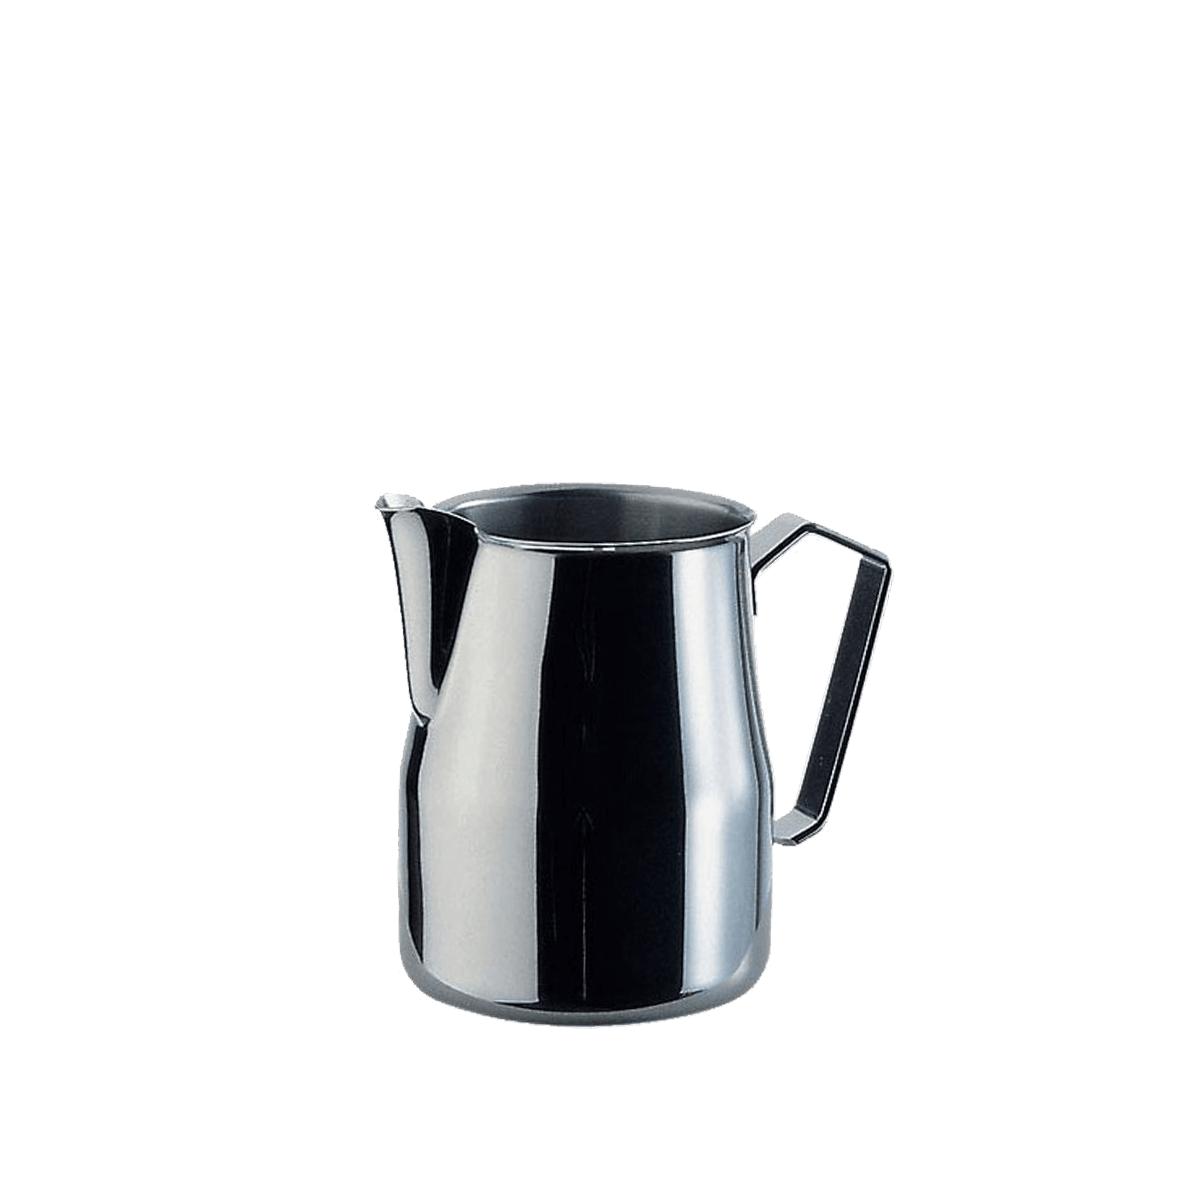 Pichet à lait en téflon – Motta – Inox